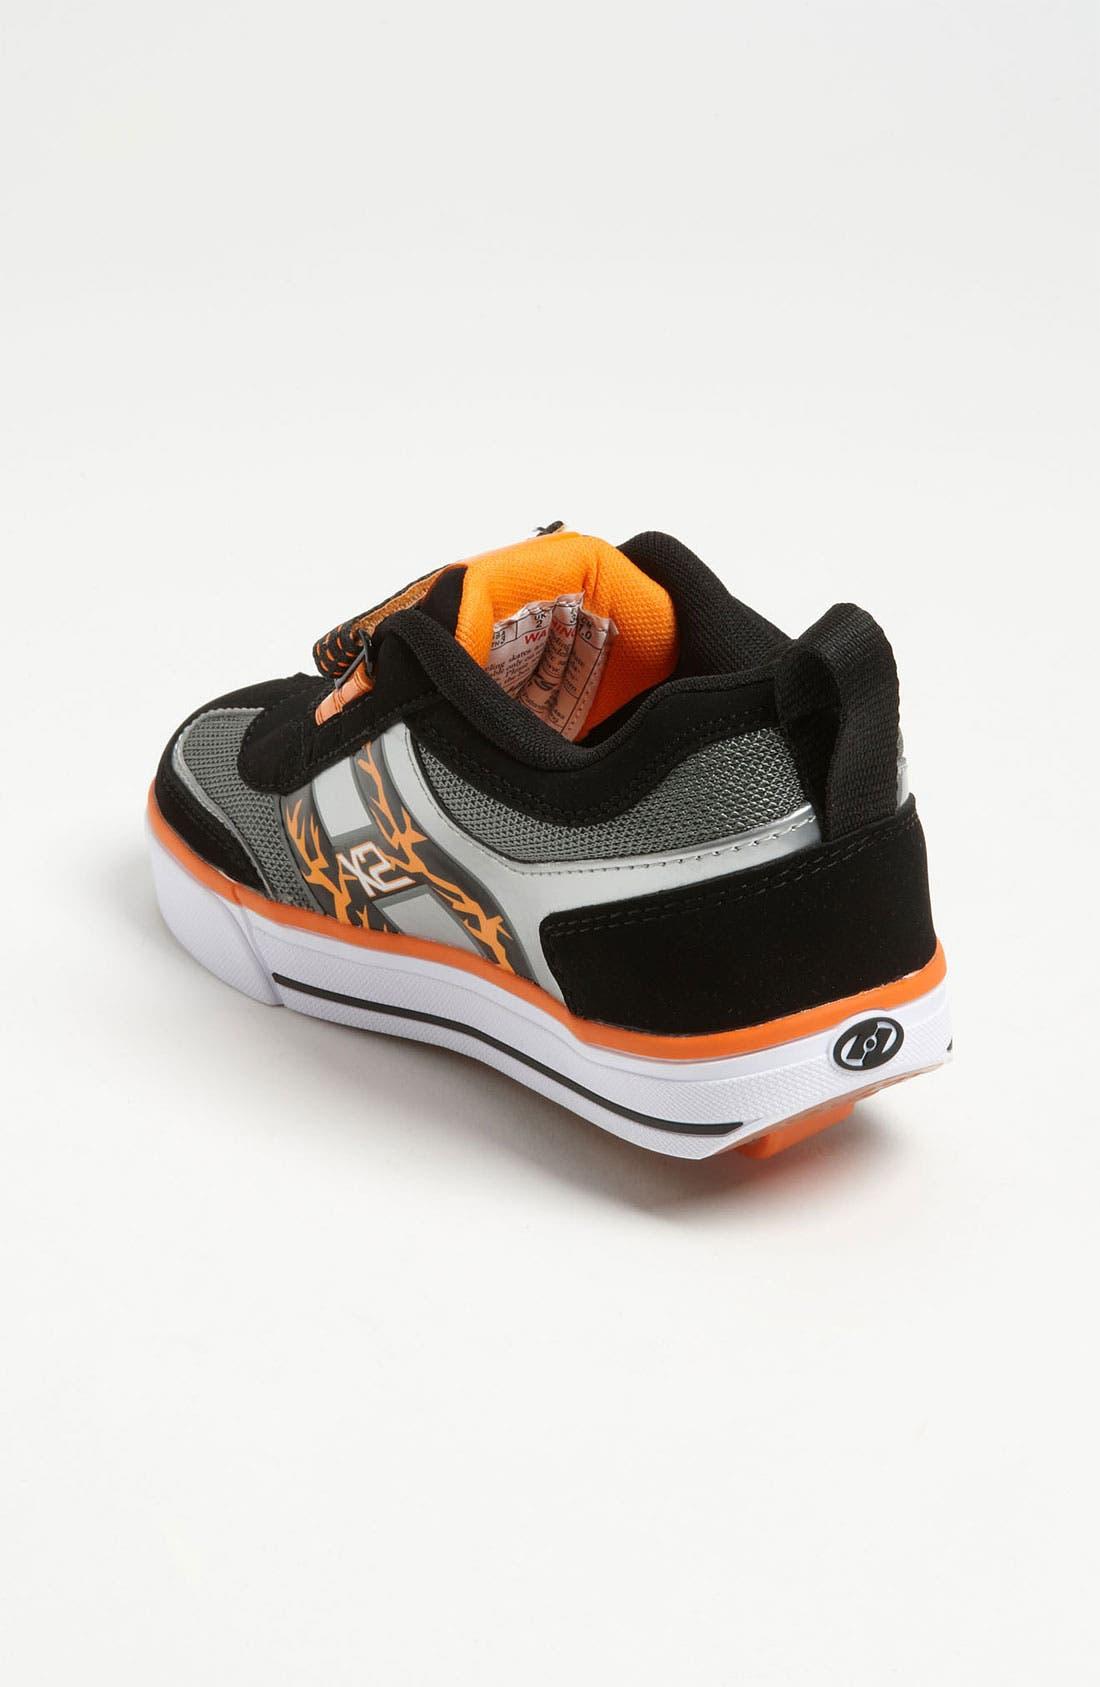 Alternate Image 2  - Heelys 'Bolt' Light-Up Skate Shoe (Toddler & Little Kid)